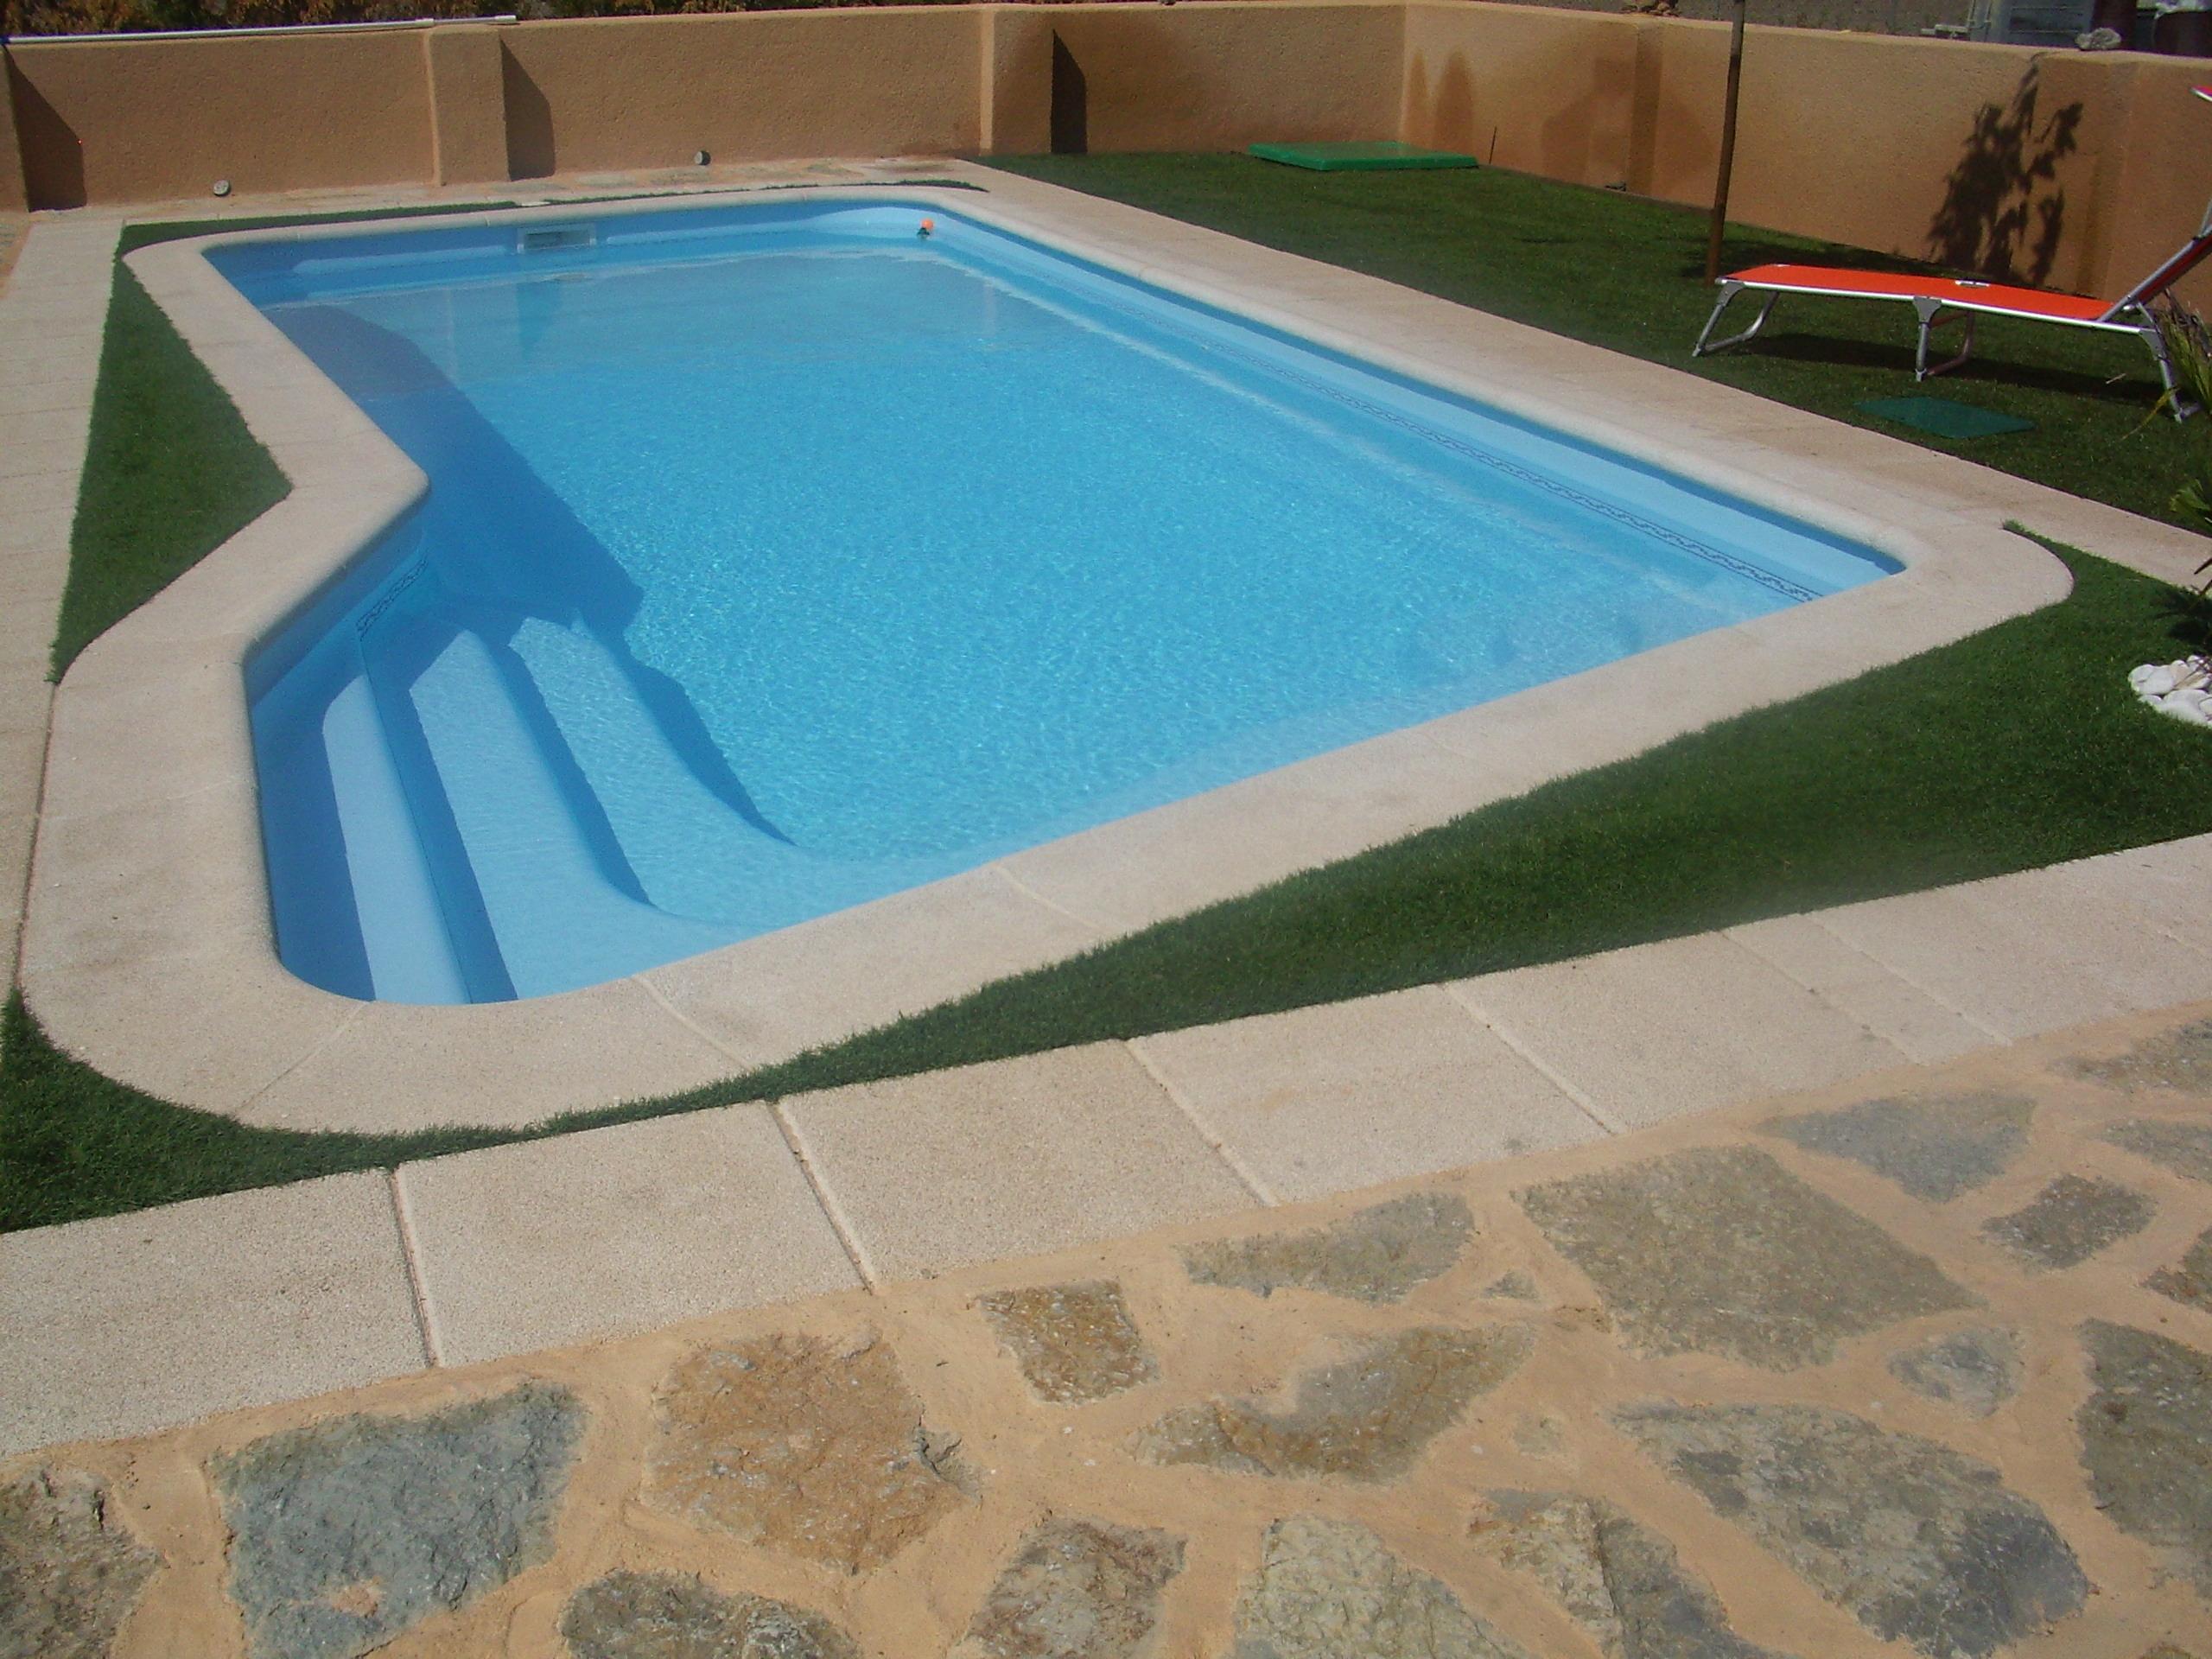 Jama piscinas y jardines gij n - Piscinas pequenas prefabricadas ...